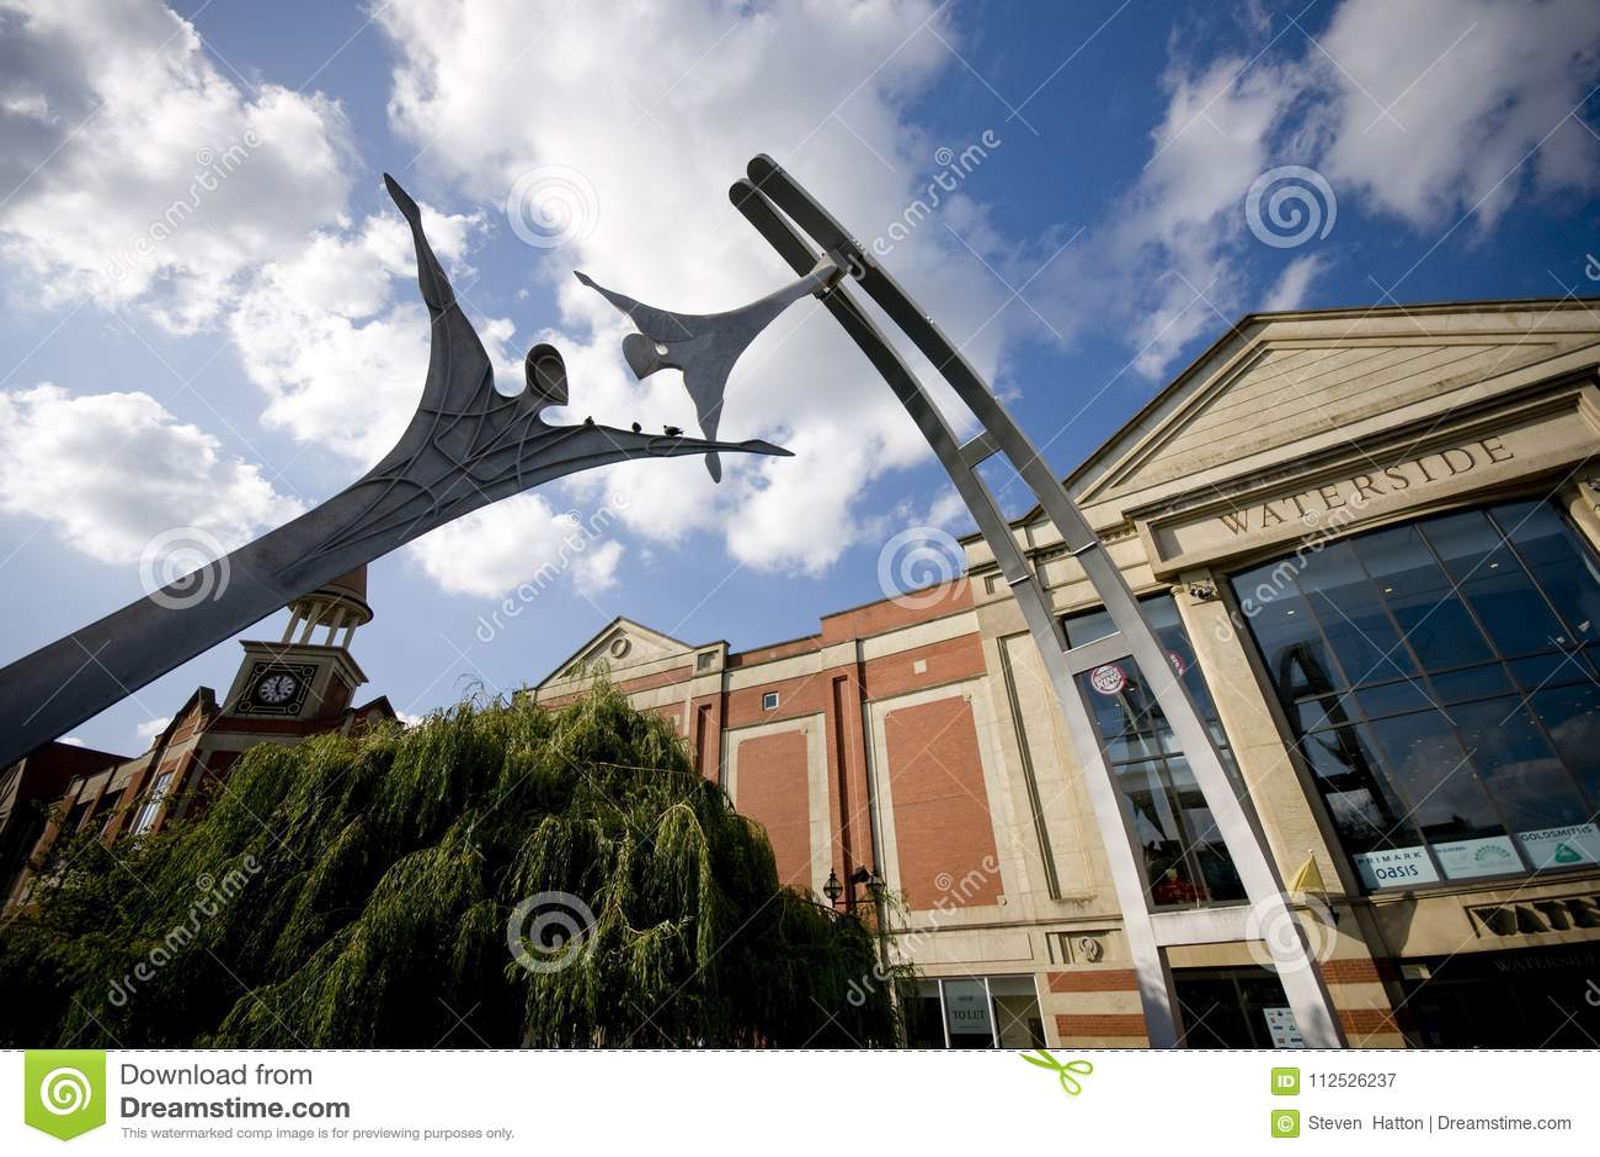 援权公开雕塑在林肯城中心,林肯,李